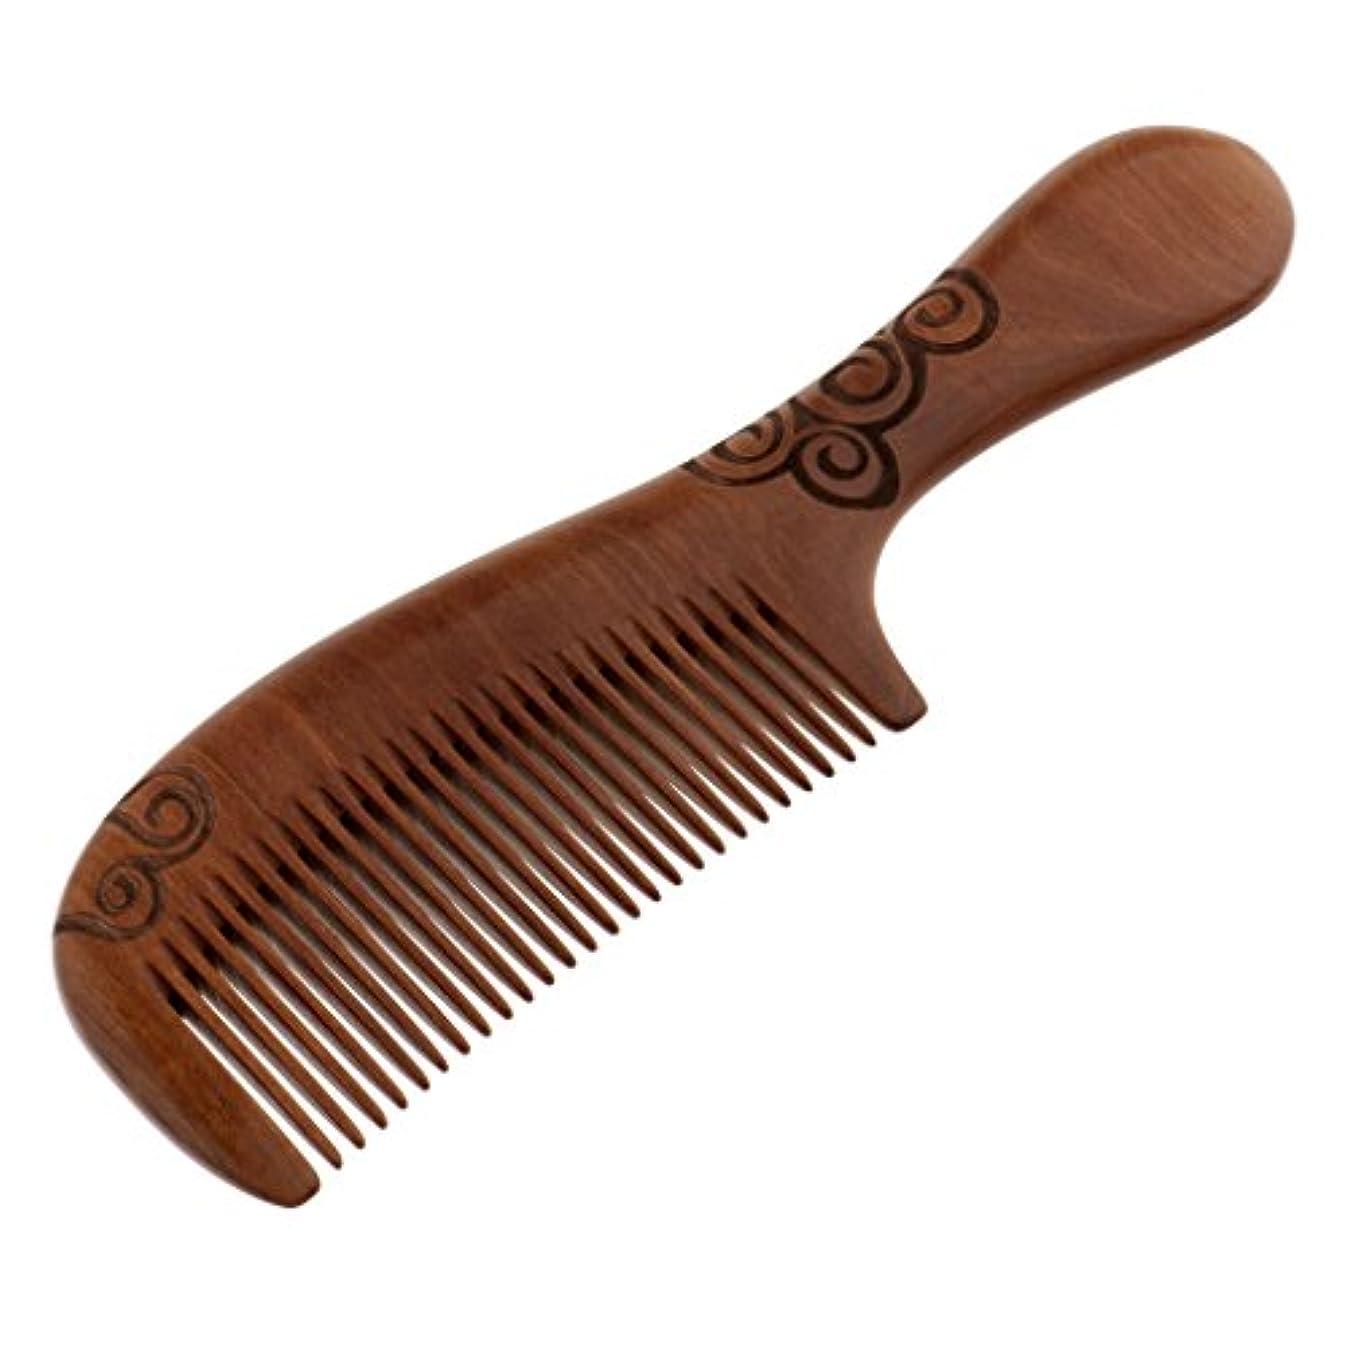 またはどちらか前述の導入する木製櫛 ヘアブラシ 頭皮マッサージ 櫛 コーム